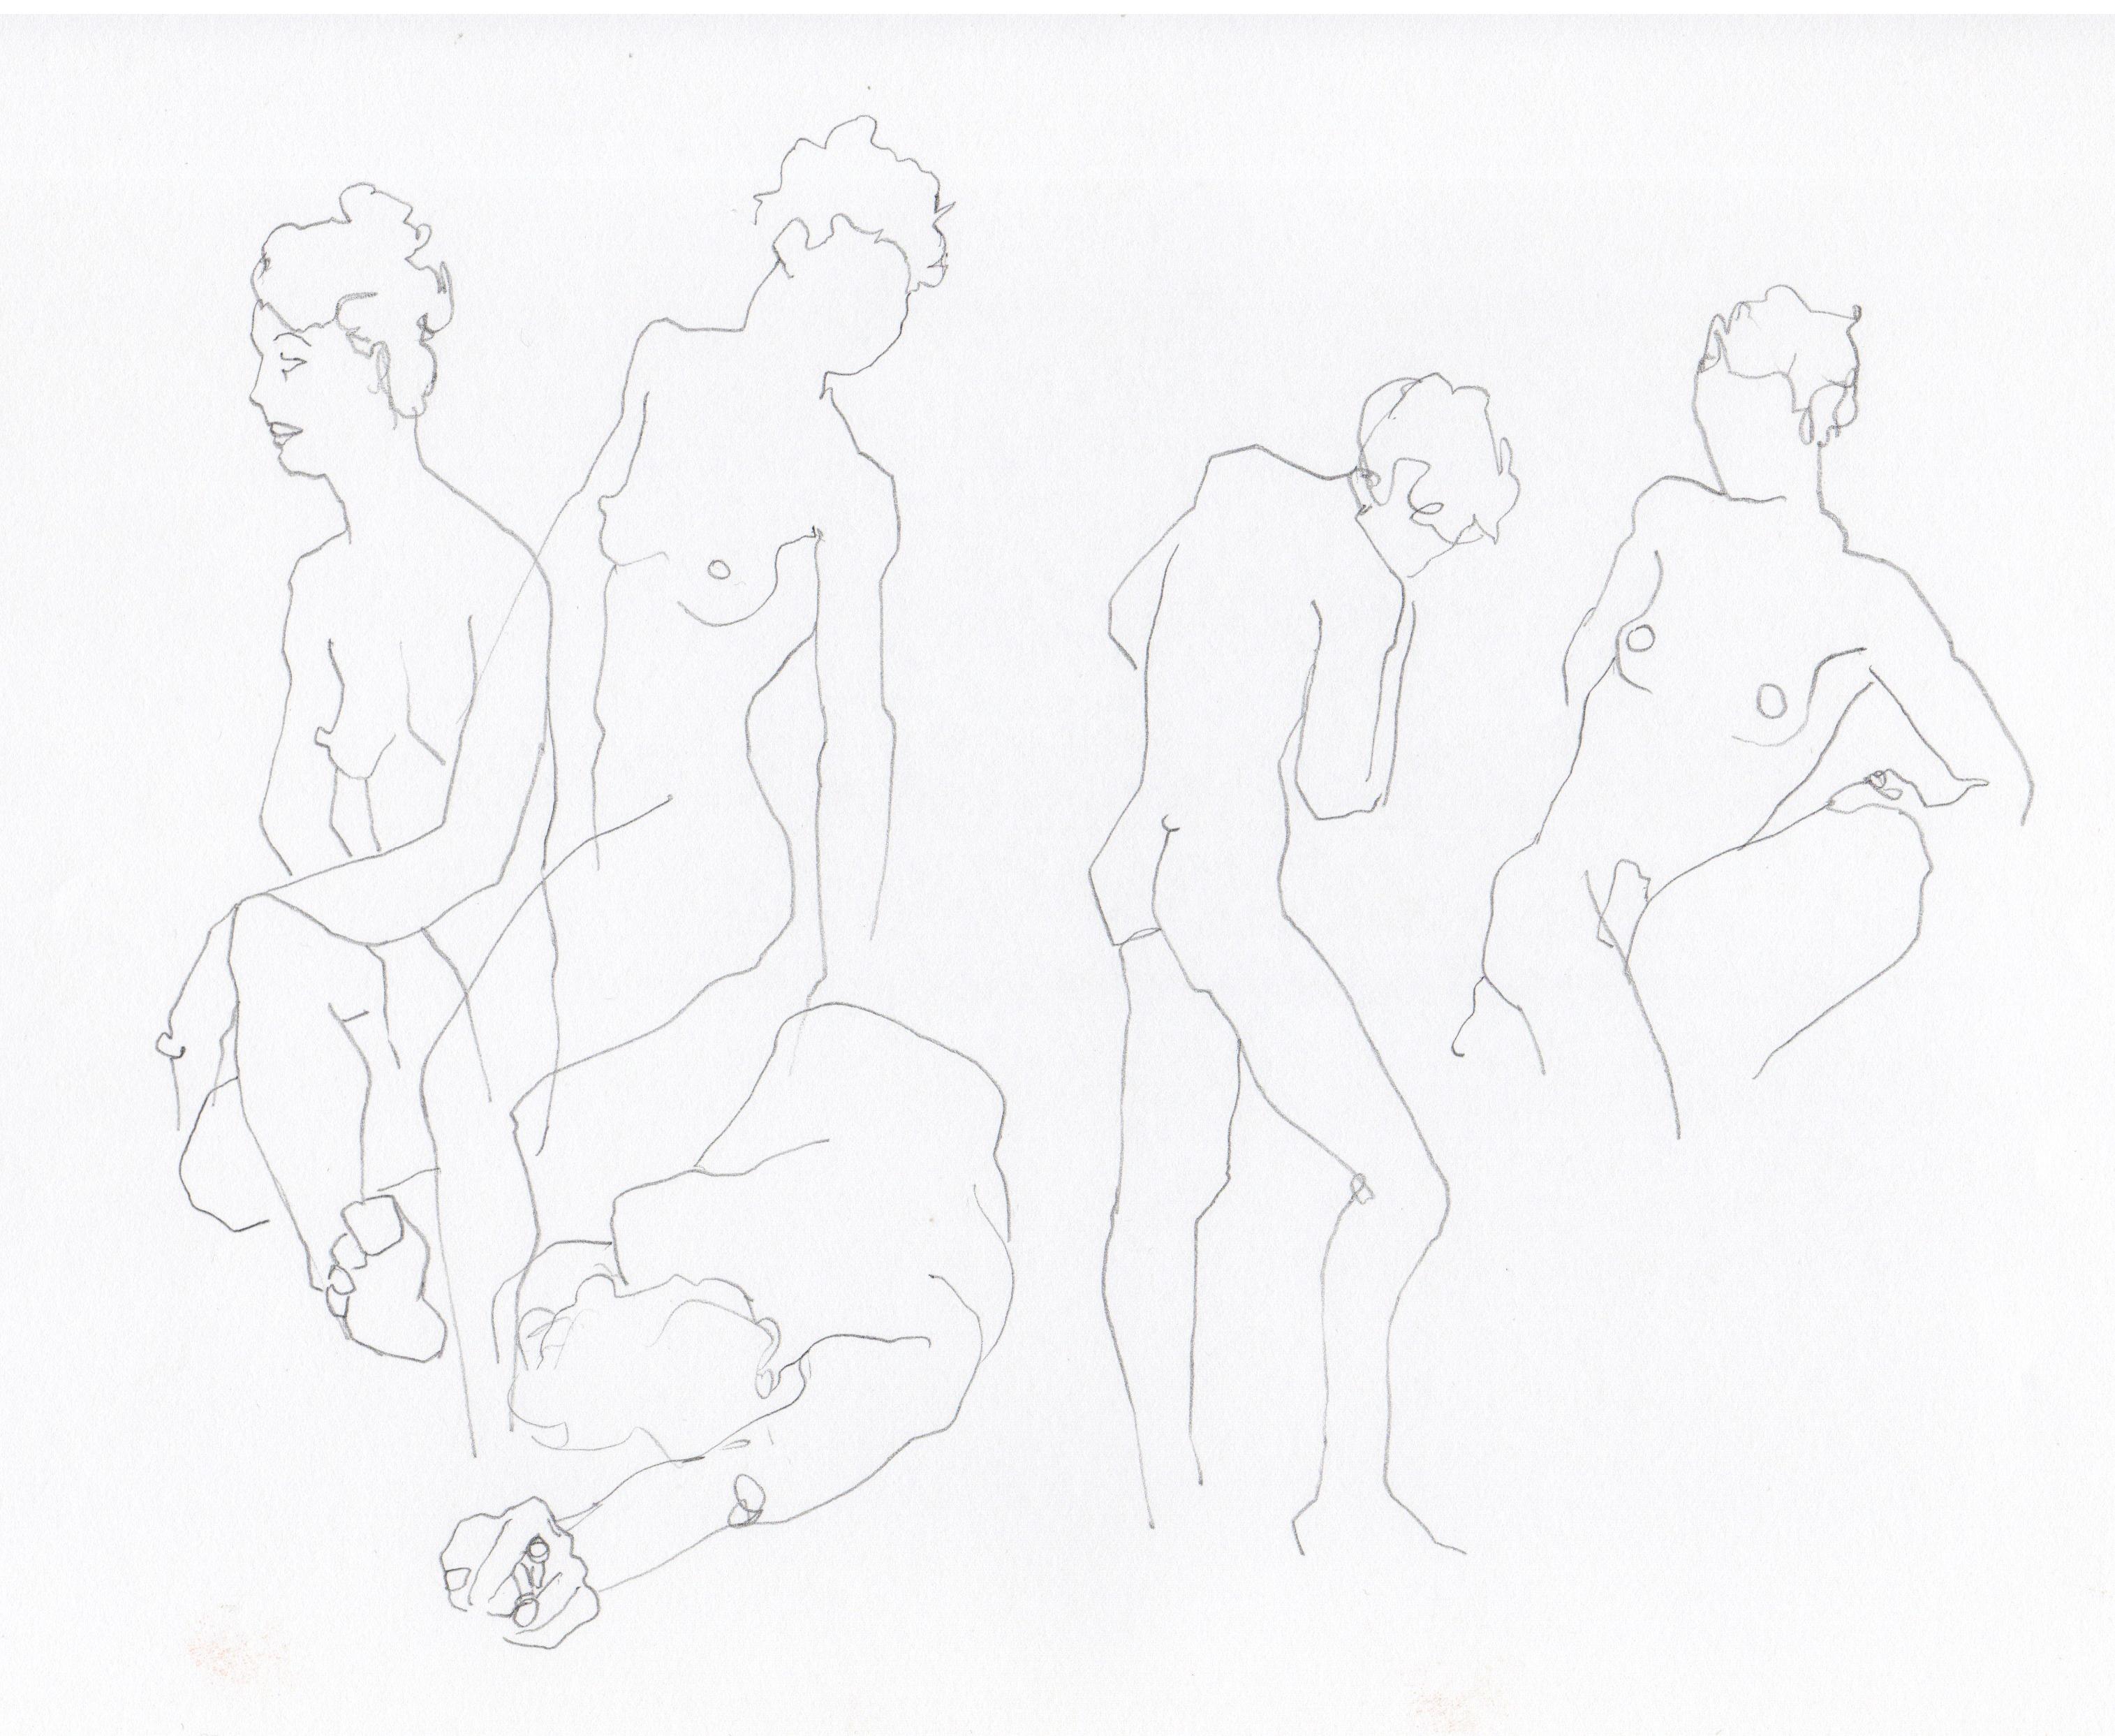 2016_Sketch_F-Beudin_Ludivine-Lacorre_05